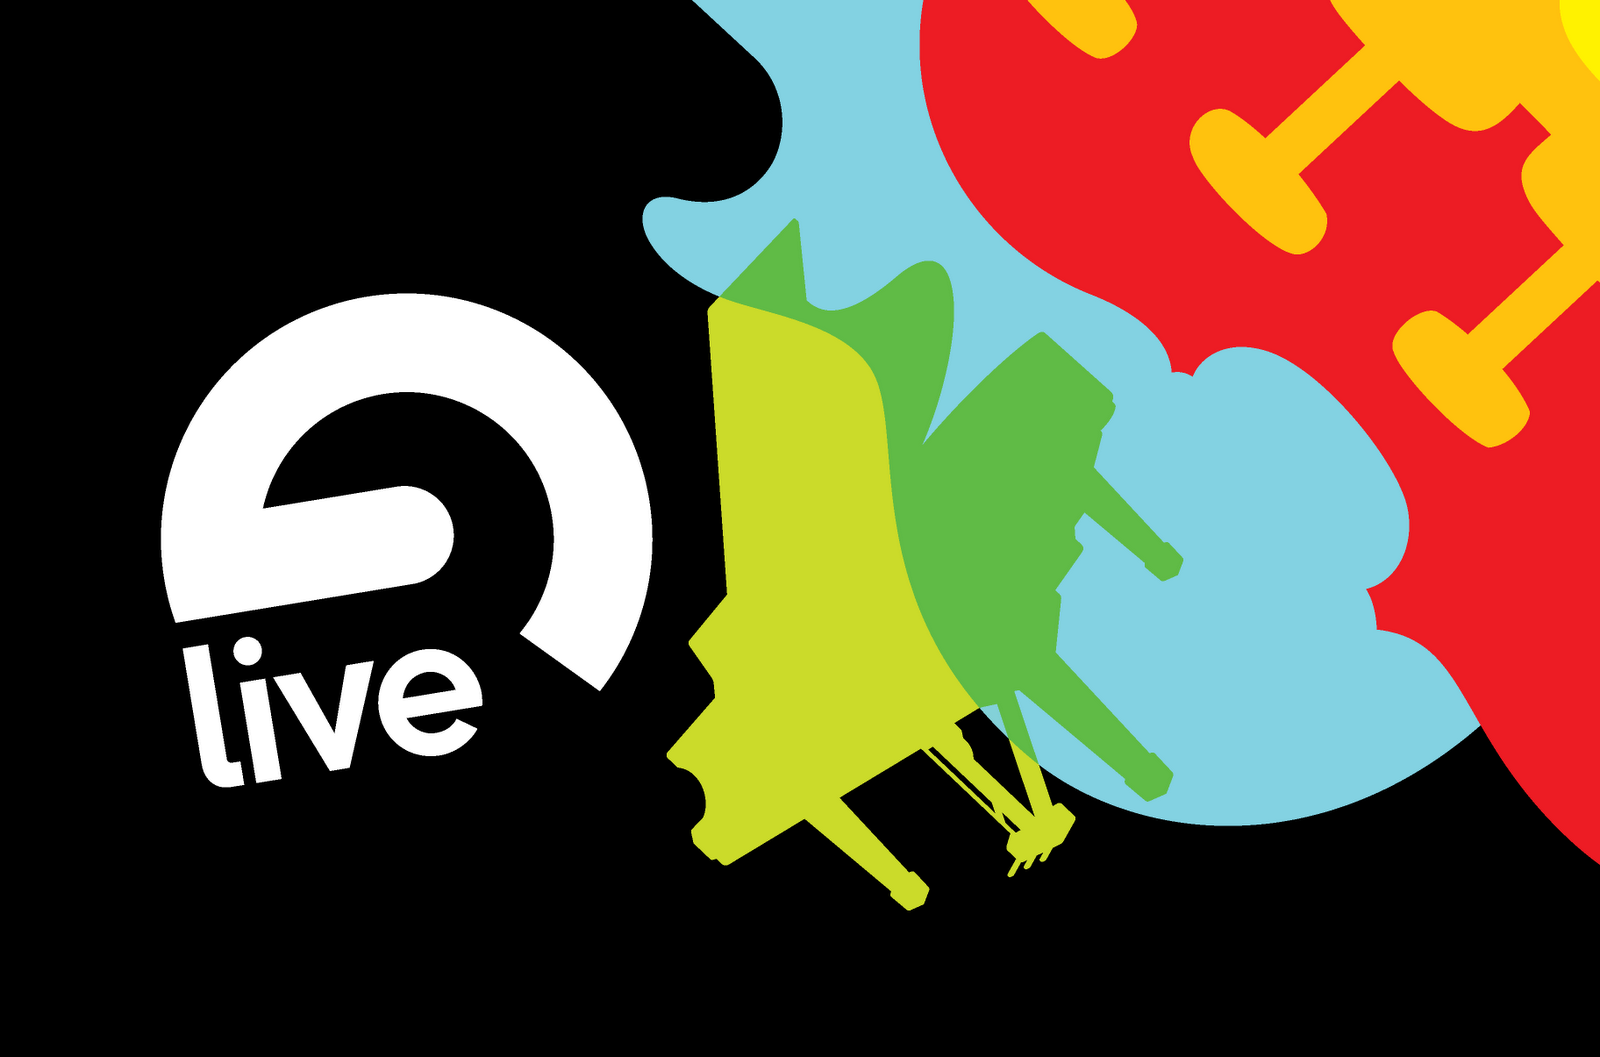 באיזה תוכנת סאונד והפקה כדאי לבחור? 10 סיבות לבחירה באבלטון לייב Ableton Live